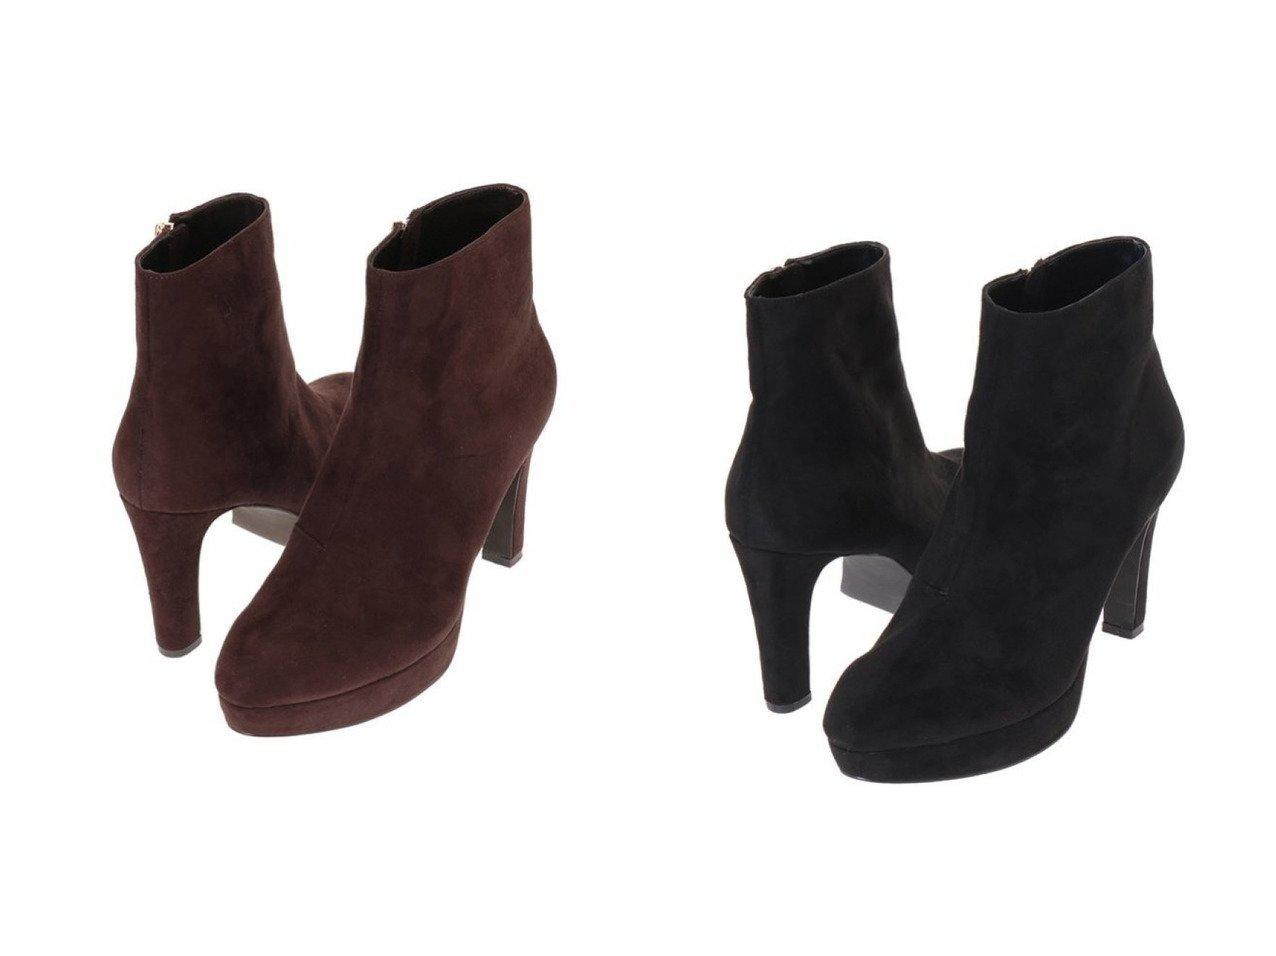 【31 Sons de mode/トランテアン ソン ドゥ モード】のフェイクスエードプラットフォームショートブーツ シューズ・靴のおすすめ!人気、トレンド・レディースファッションの通販  おすすめで人気の流行・トレンド、ファッションの通販商品 メンズファッション・キッズファッション・インテリア・家具・レディースファッション・服の通販 founy(ファニー) https://founy.com/ ファッション Fashion レディースファッション WOMEN 2020年 2020 2020-2021 秋冬 A/W AW Autumn/Winter / FW Fall-Winter 2020-2021 A/W 秋冬 AW Autumn/Winter / FW Fall-Winter 冬 Winter アーモンドトゥ シューズ ショート |ID:crp329100000009808